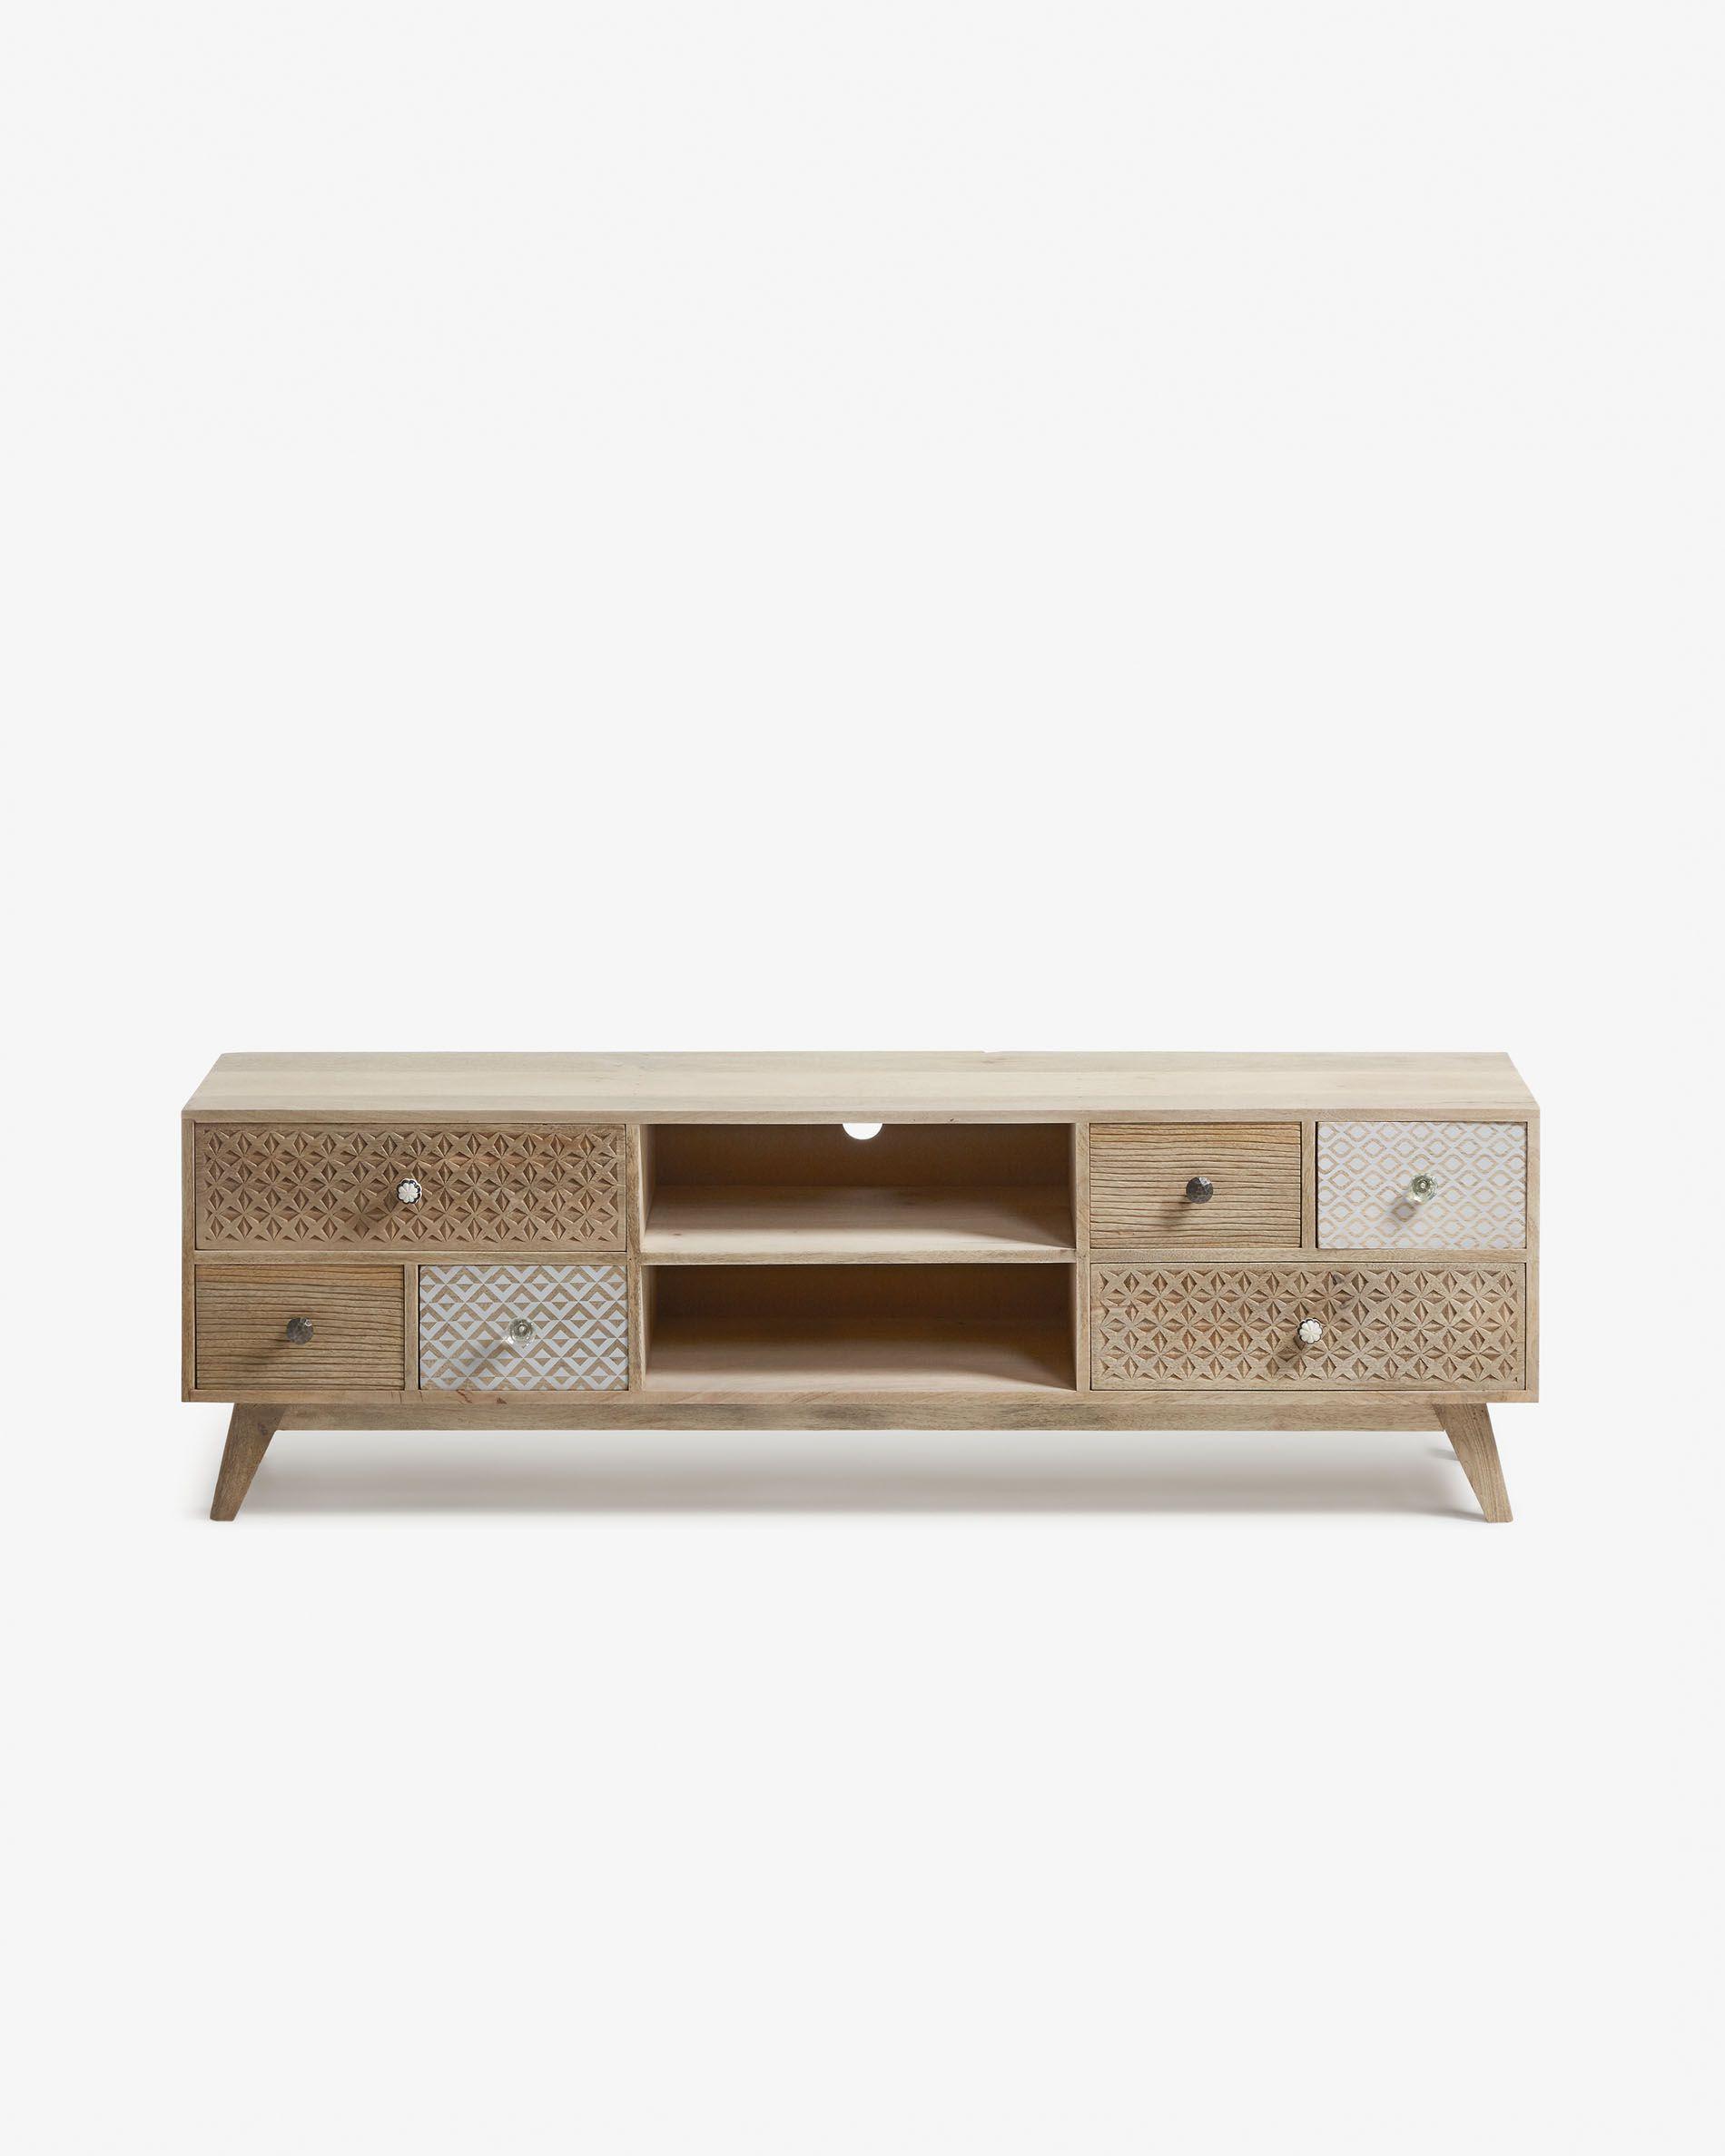 meuble tv hoob 160 x 51 cm kave home